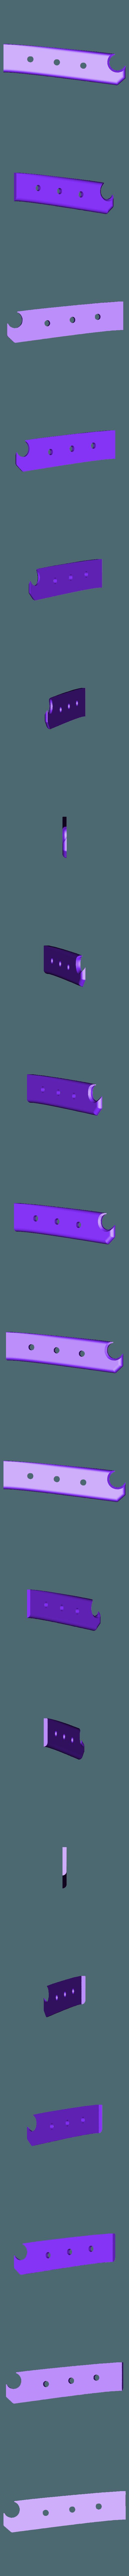 Handle_Blank.stl Télécharger fichier STL gratuit Point de chute 1 • Objet pour imprimante 3D, Theshort